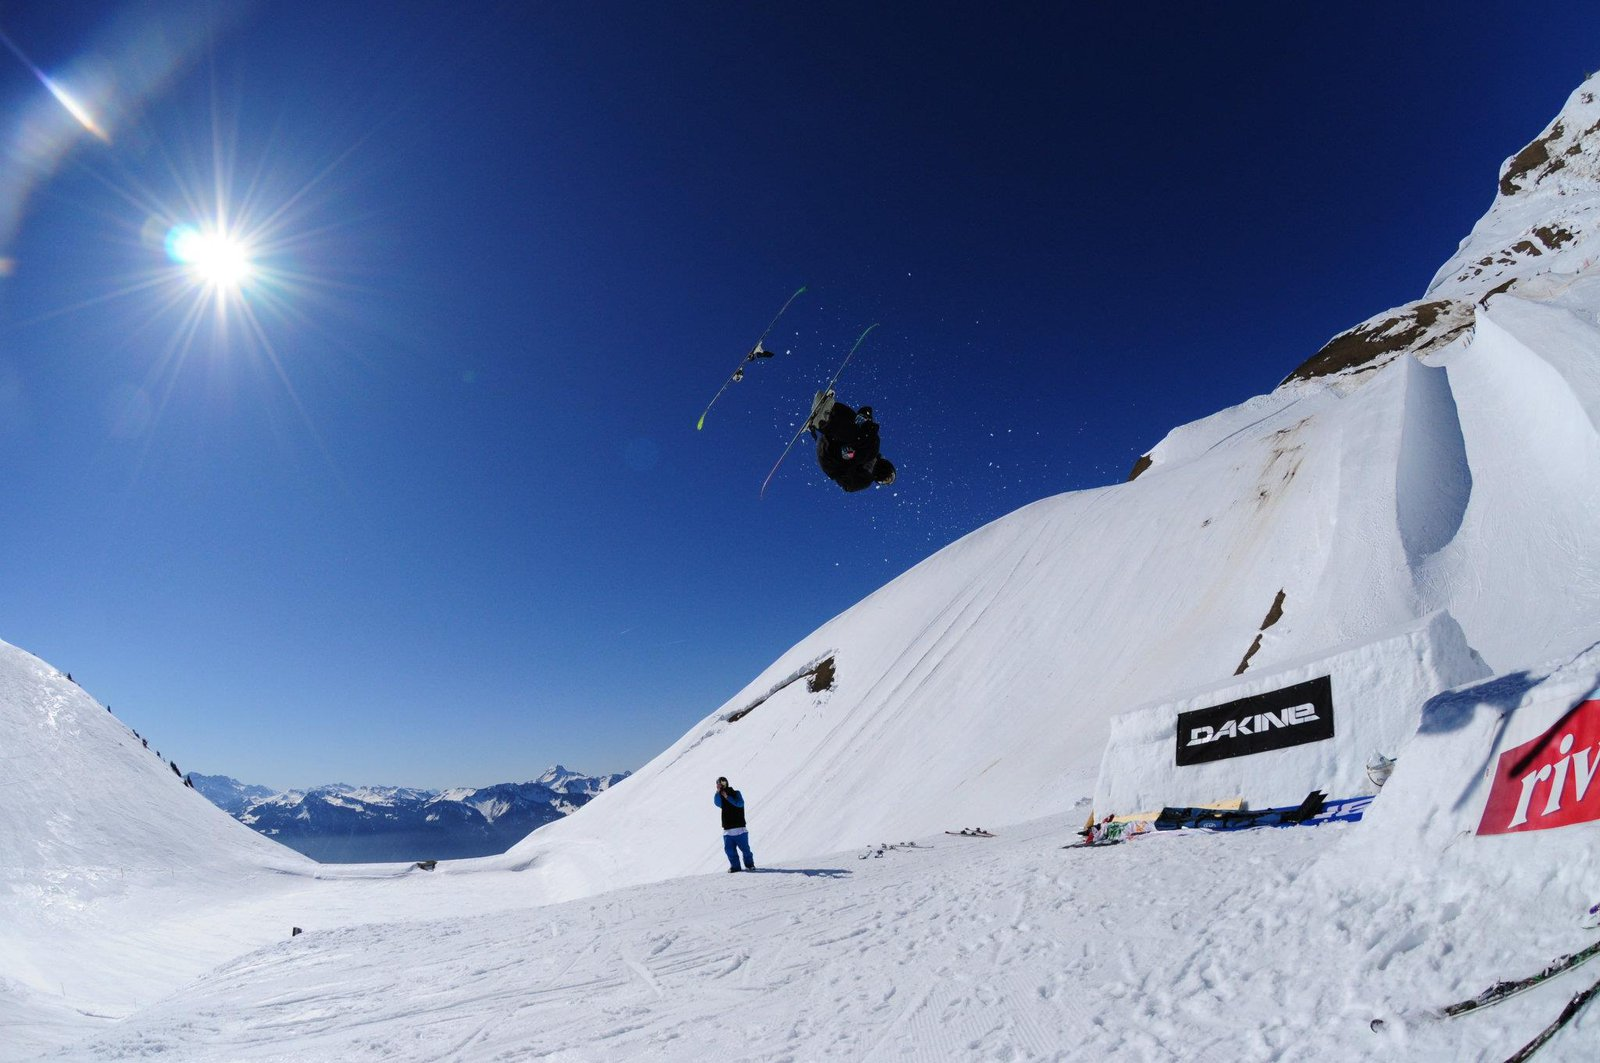 Lost ski in dub corck